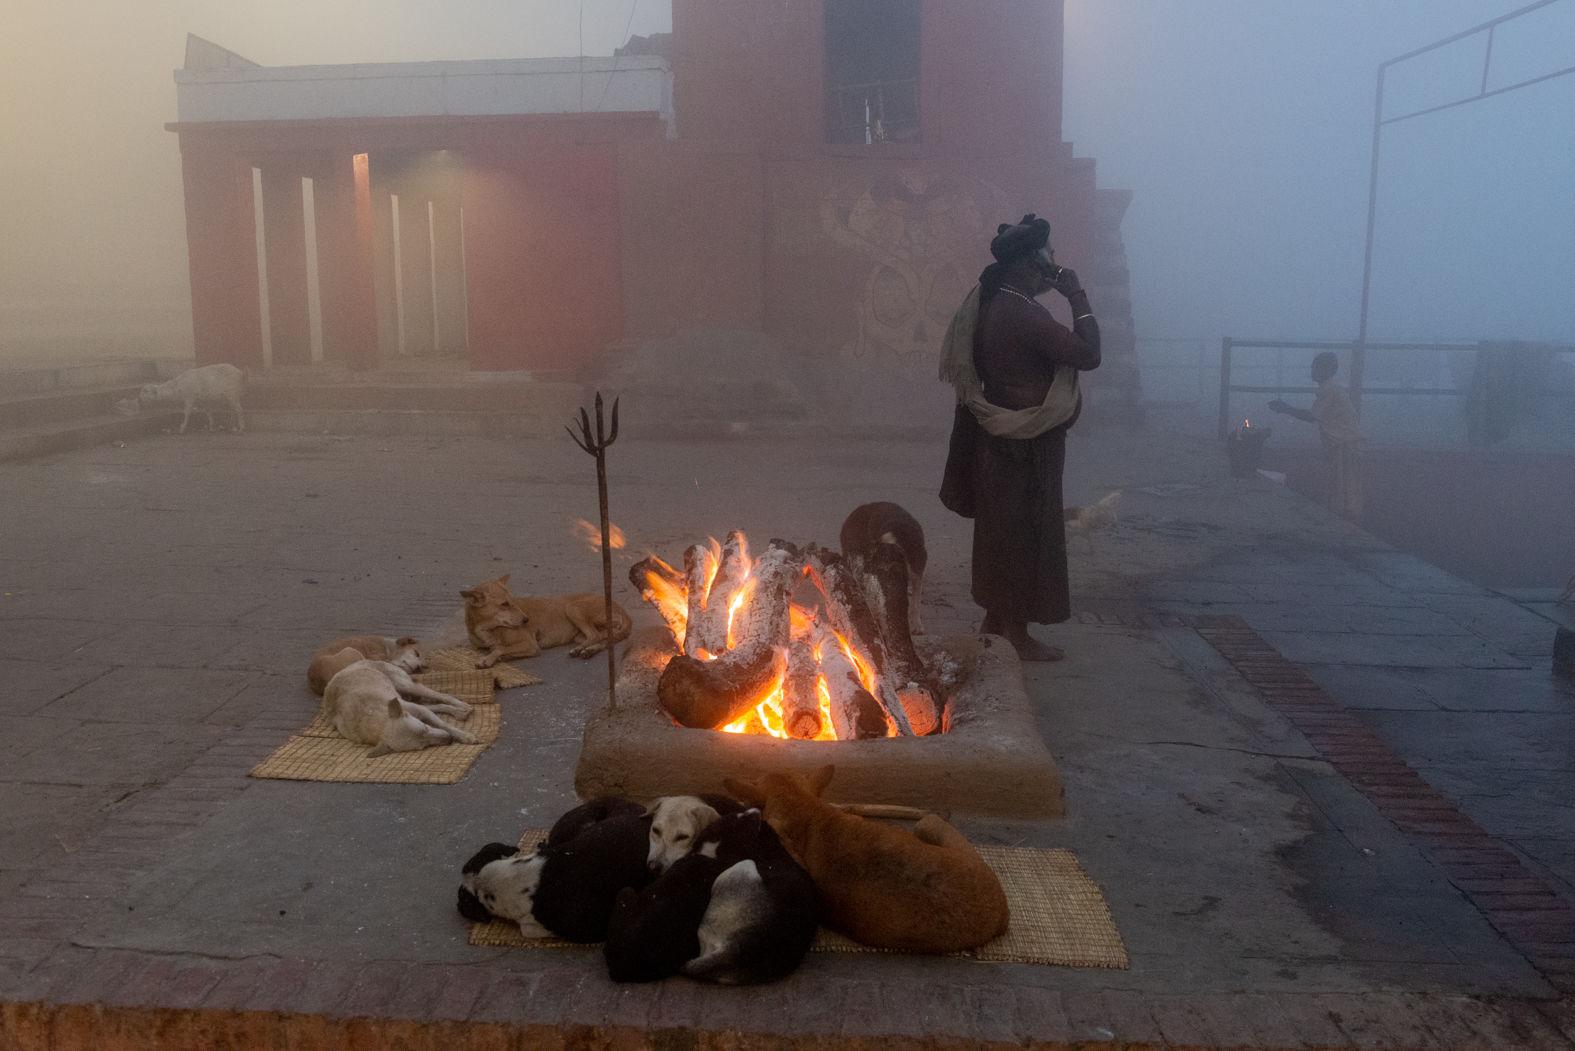 Before dawn, Varanasi, January 2018